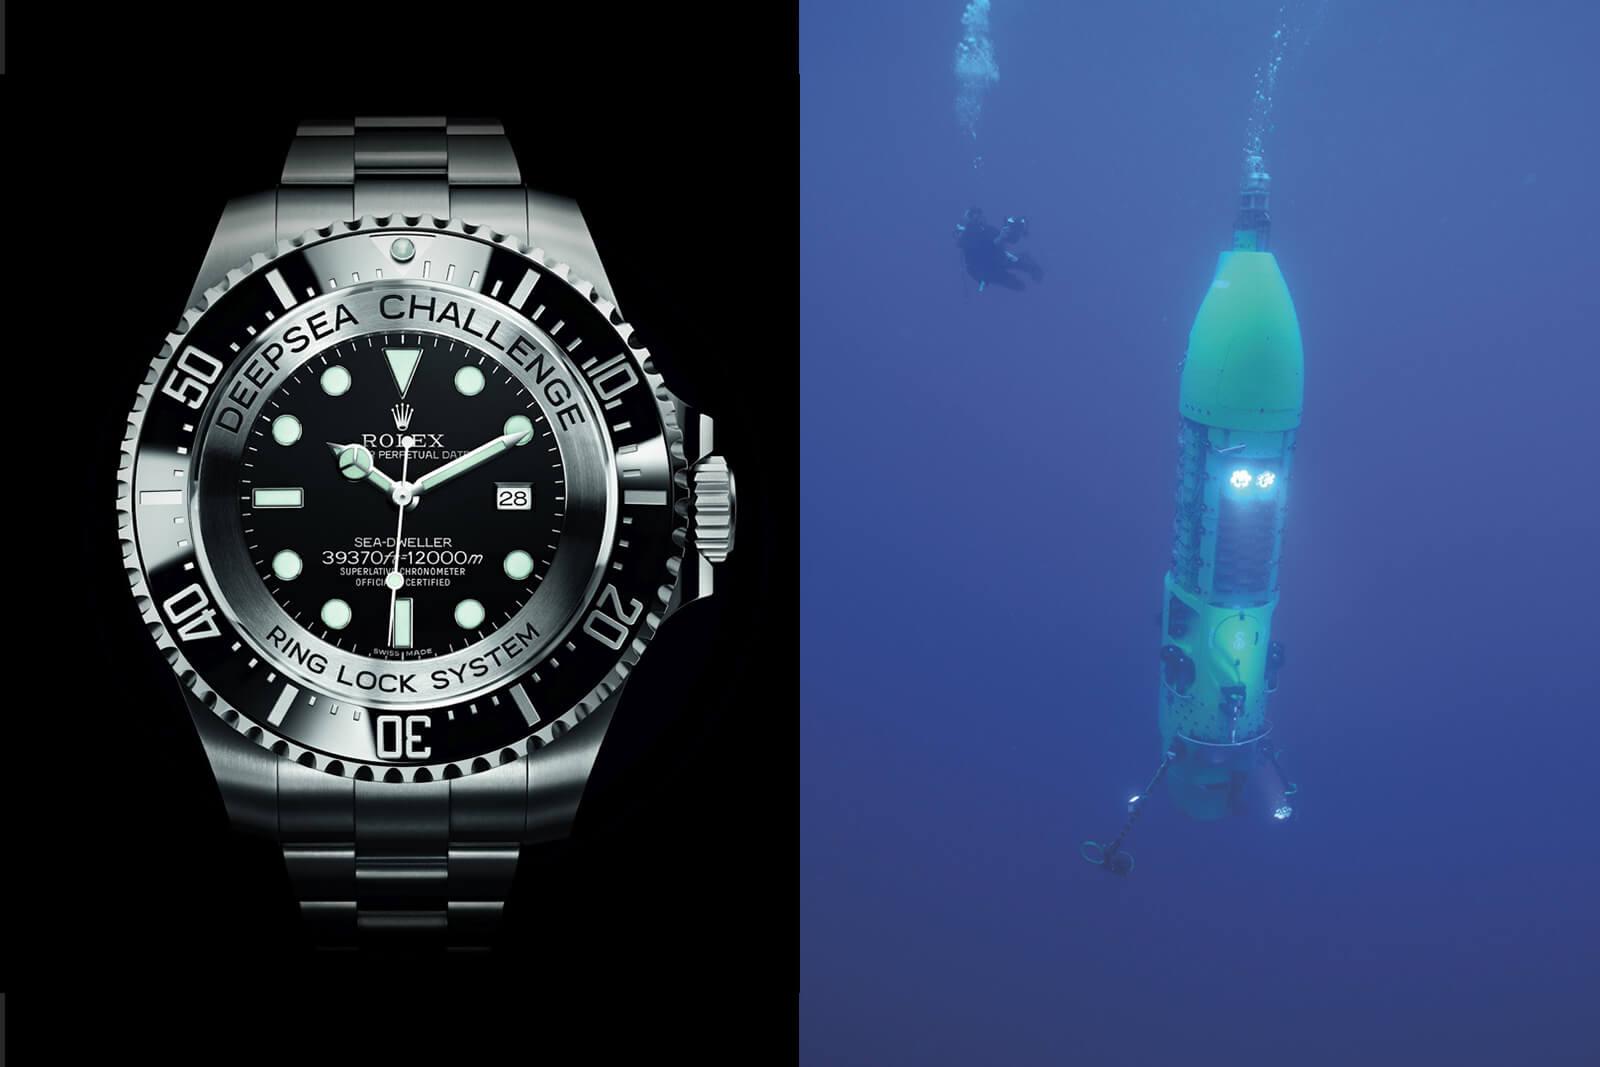 Rolex Deepsea Challenge (the Deep Sea Challenge)